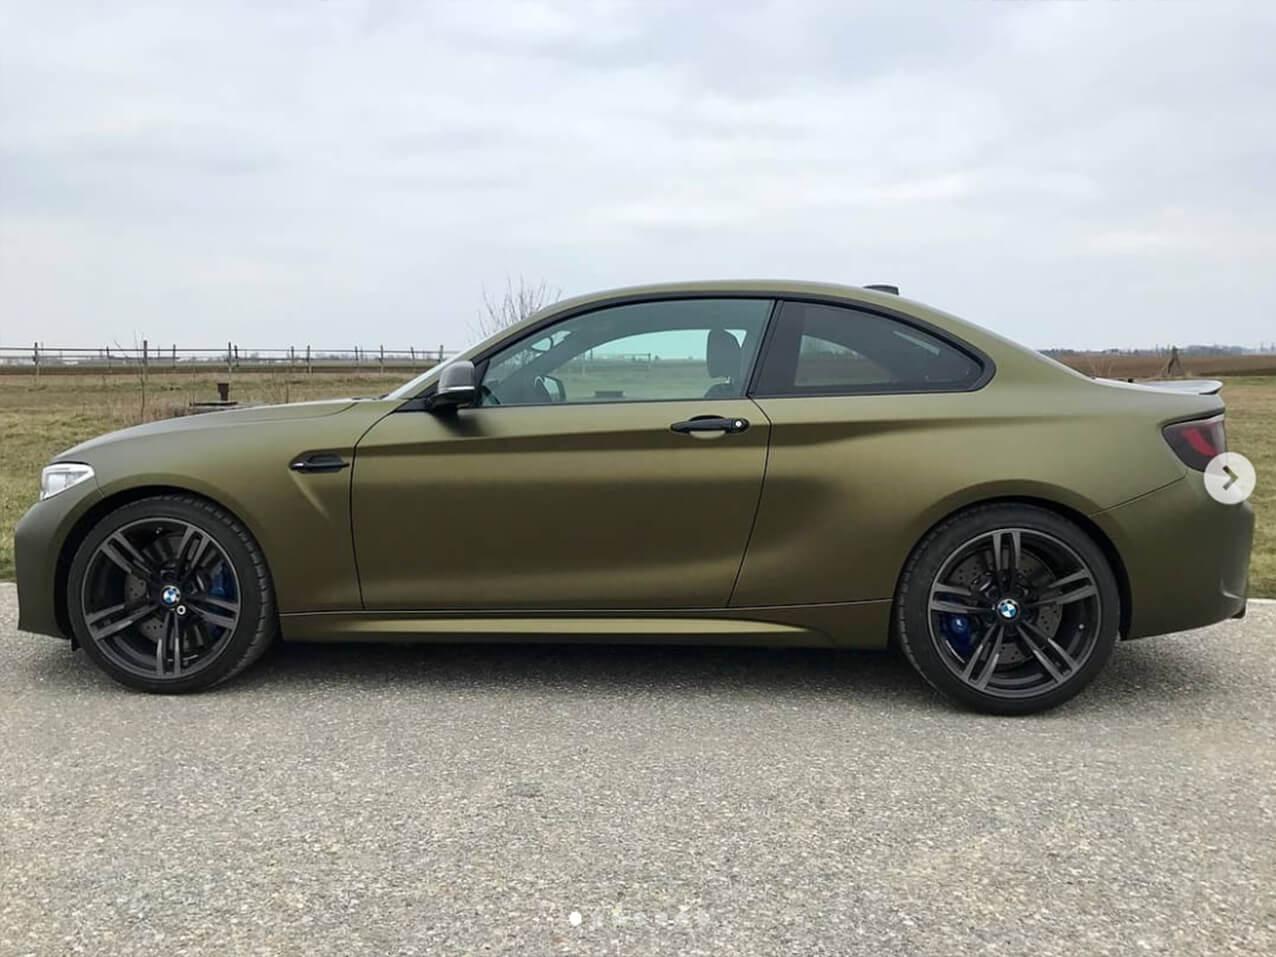 628-Carwrapping-Autofolie-Hexis-gold-matt-HX30N71M-Folierung-komplett